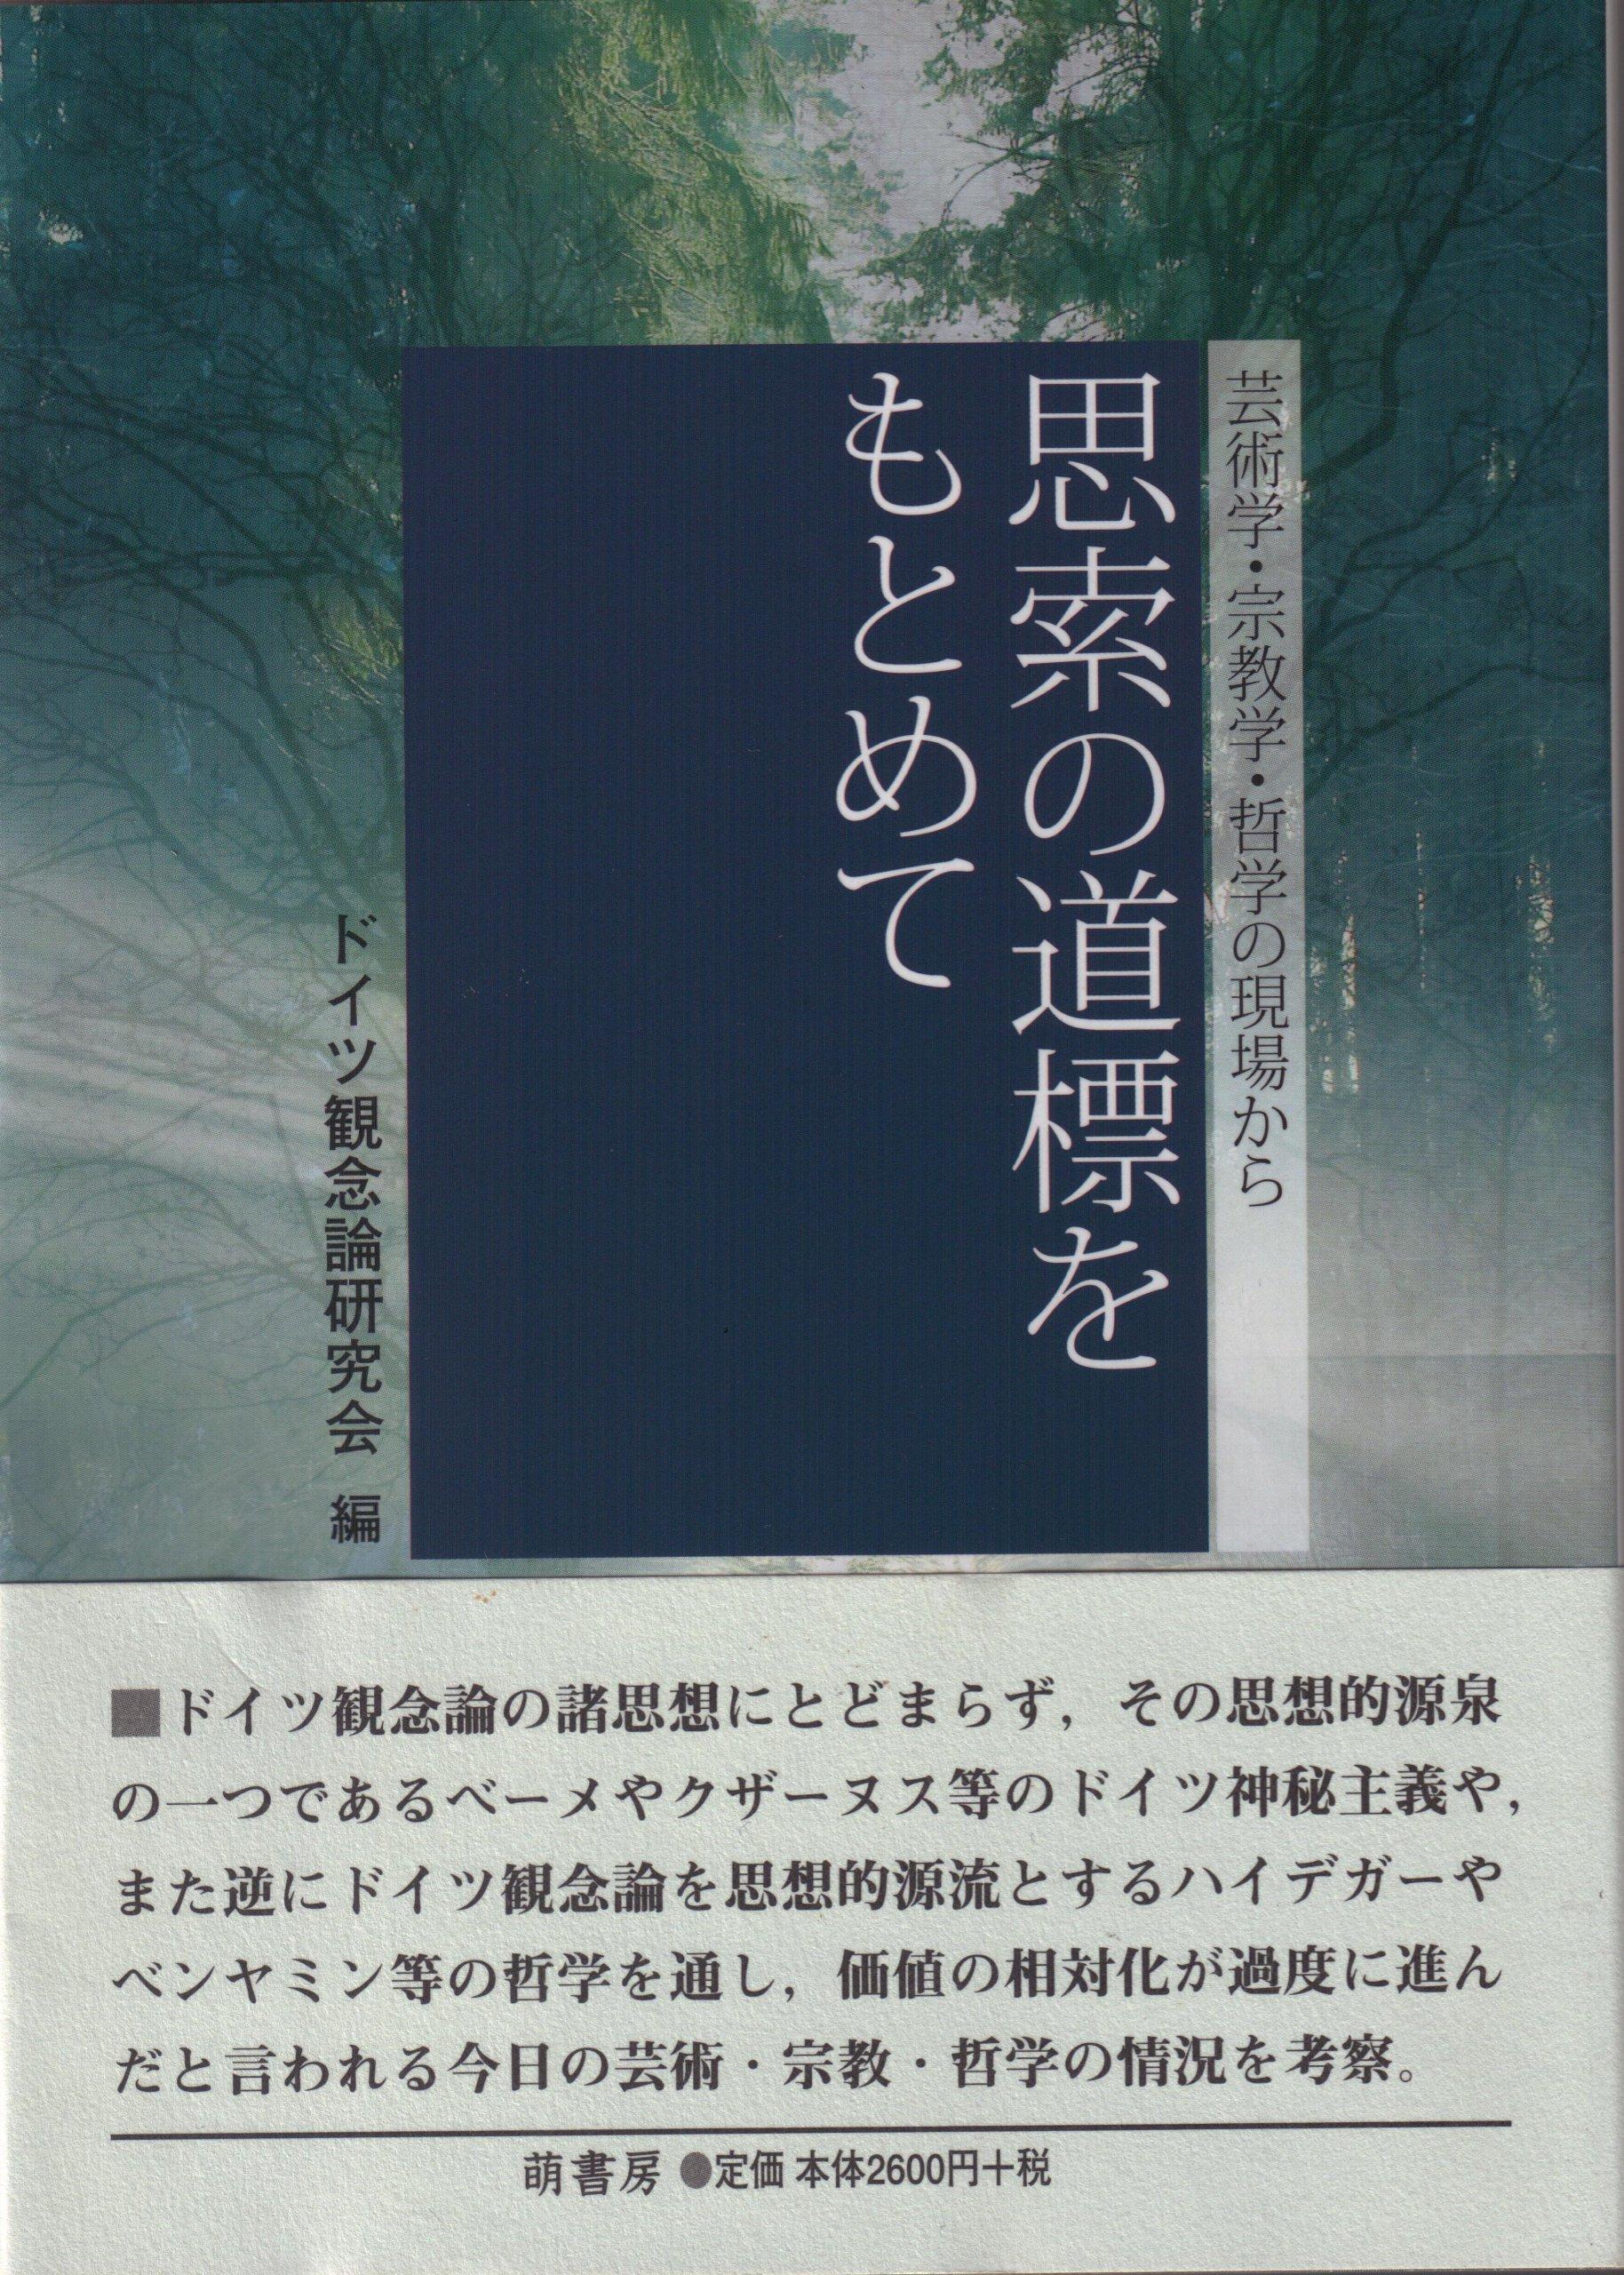 Download Shisaku no michishirube o motomete : Geijutsugaku shūkyōgaku tetsugaku no genba kara. pdf